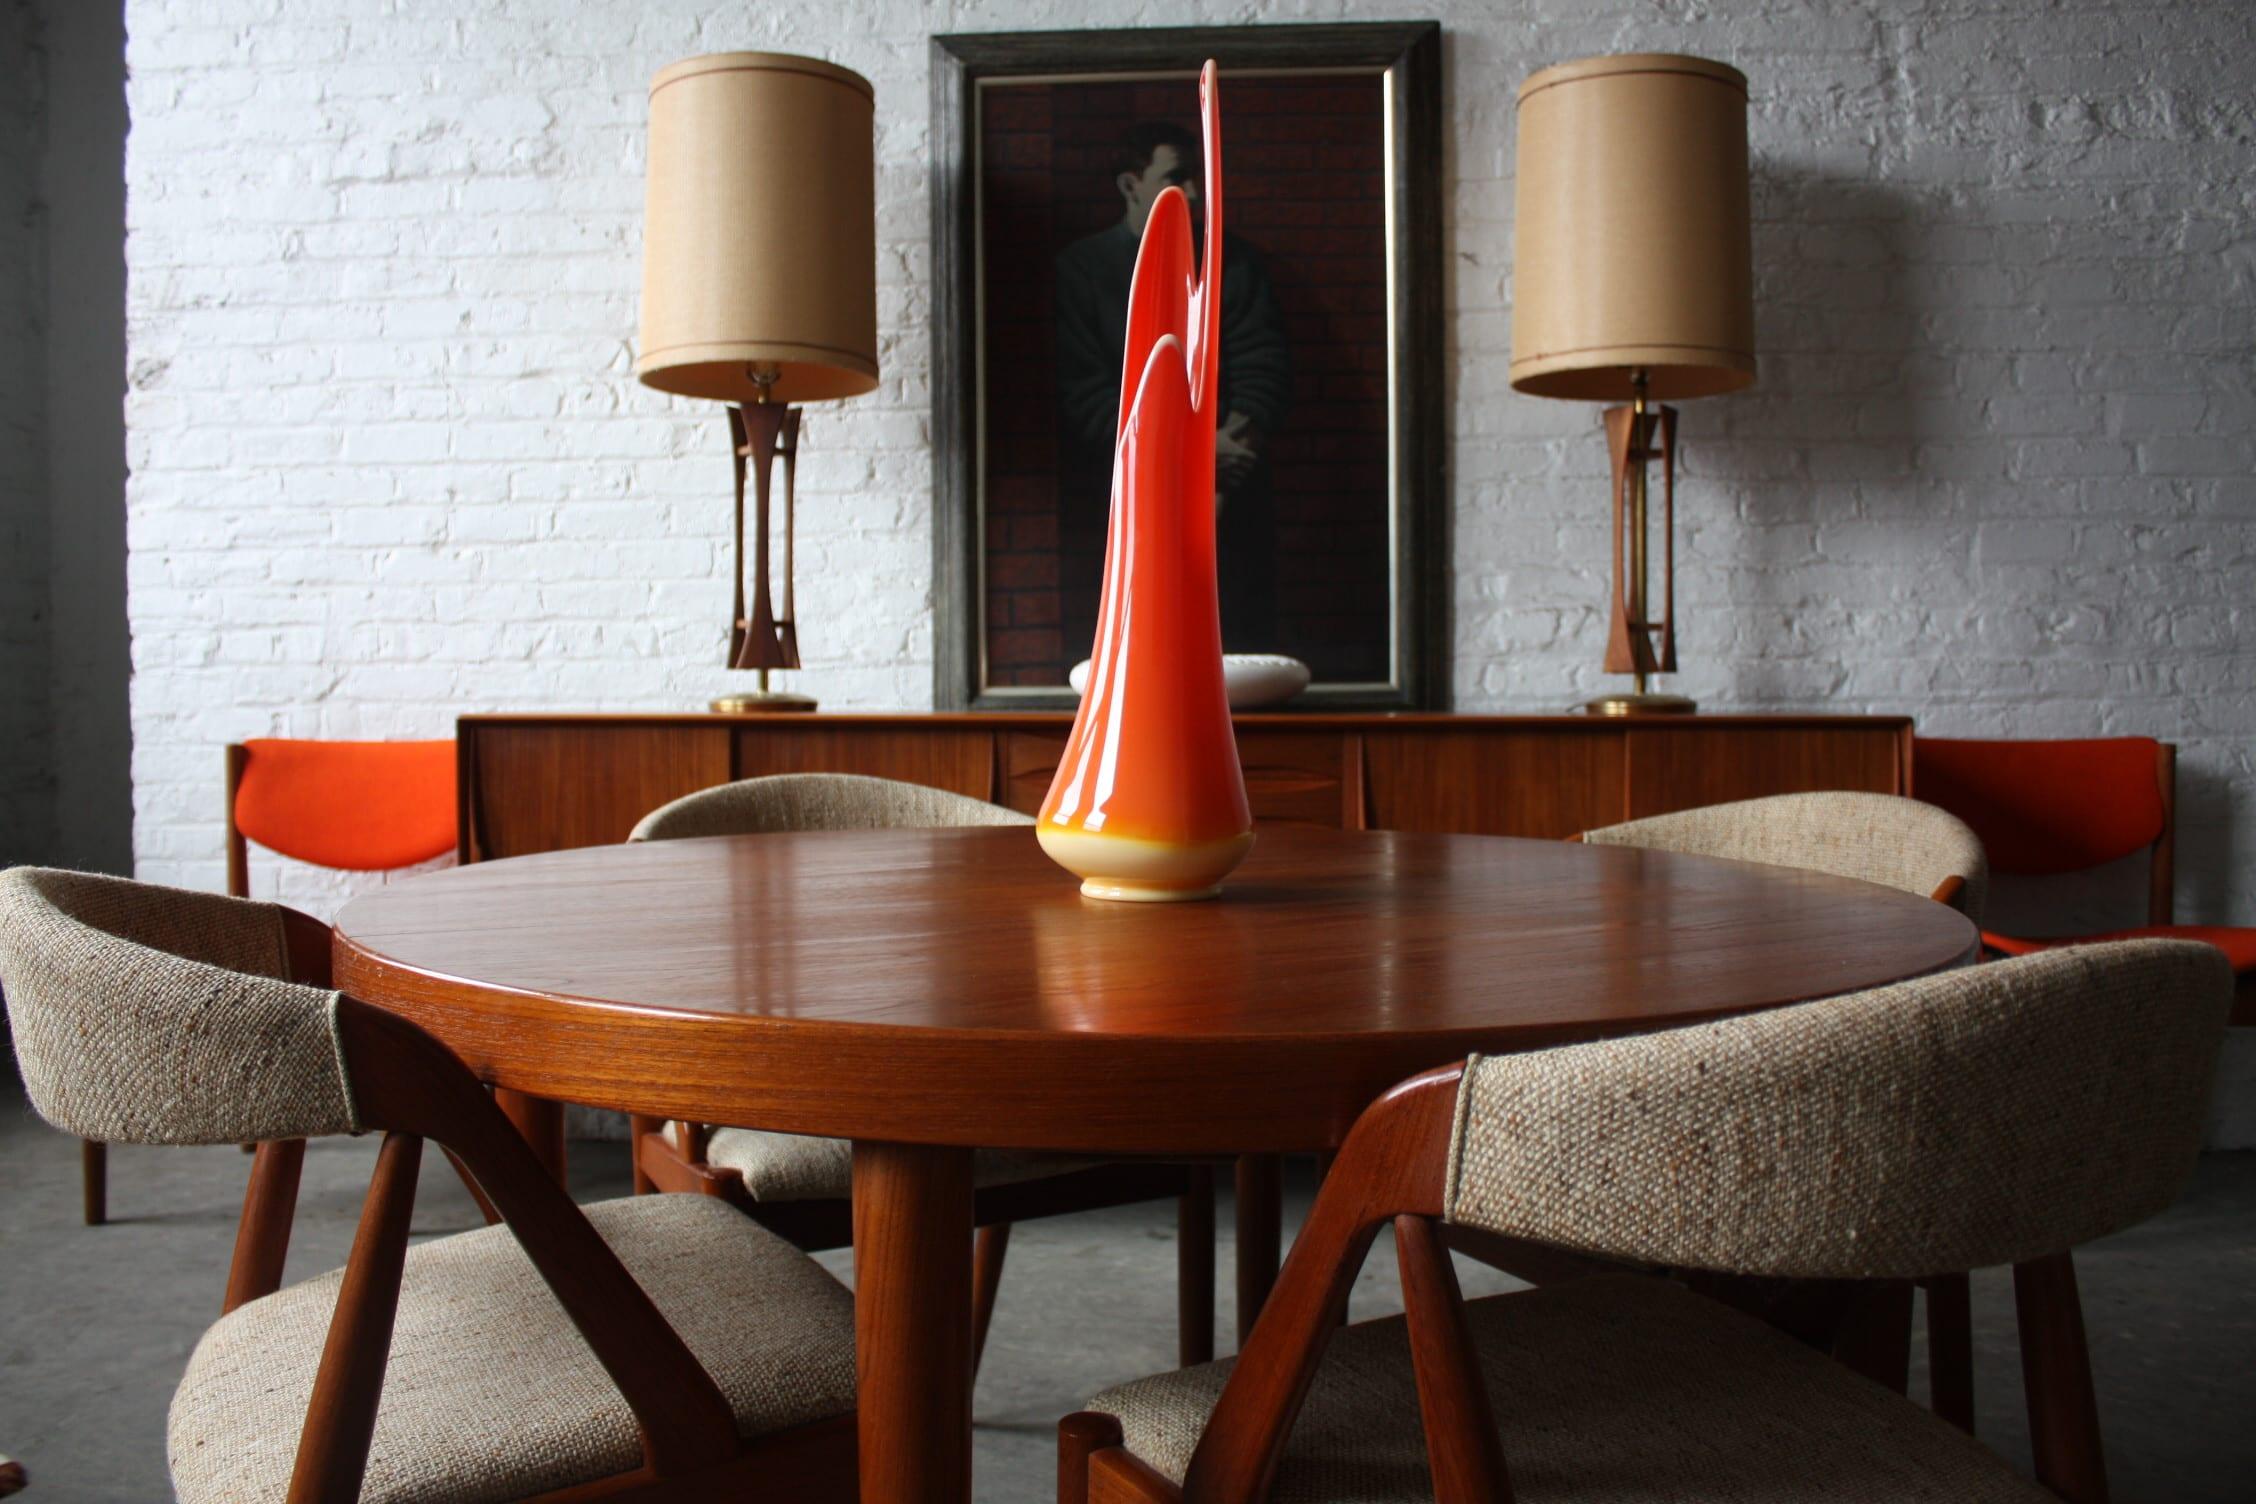 runder esszimmertisch massiv f r schicke esszimmereinrichtung freshouse. Black Bedroom Furniture Sets. Home Design Ideas